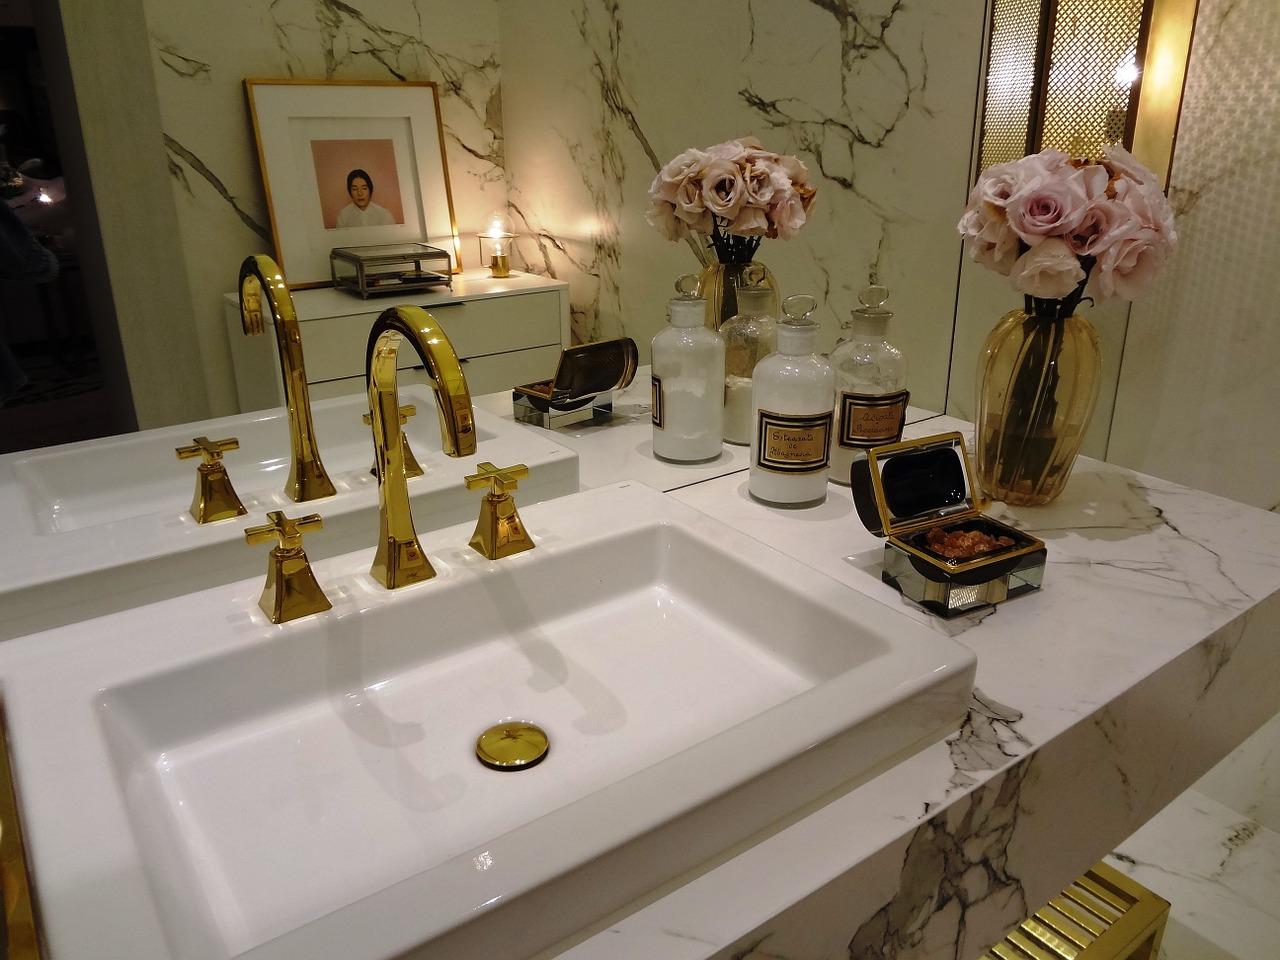 badeværelse - guld